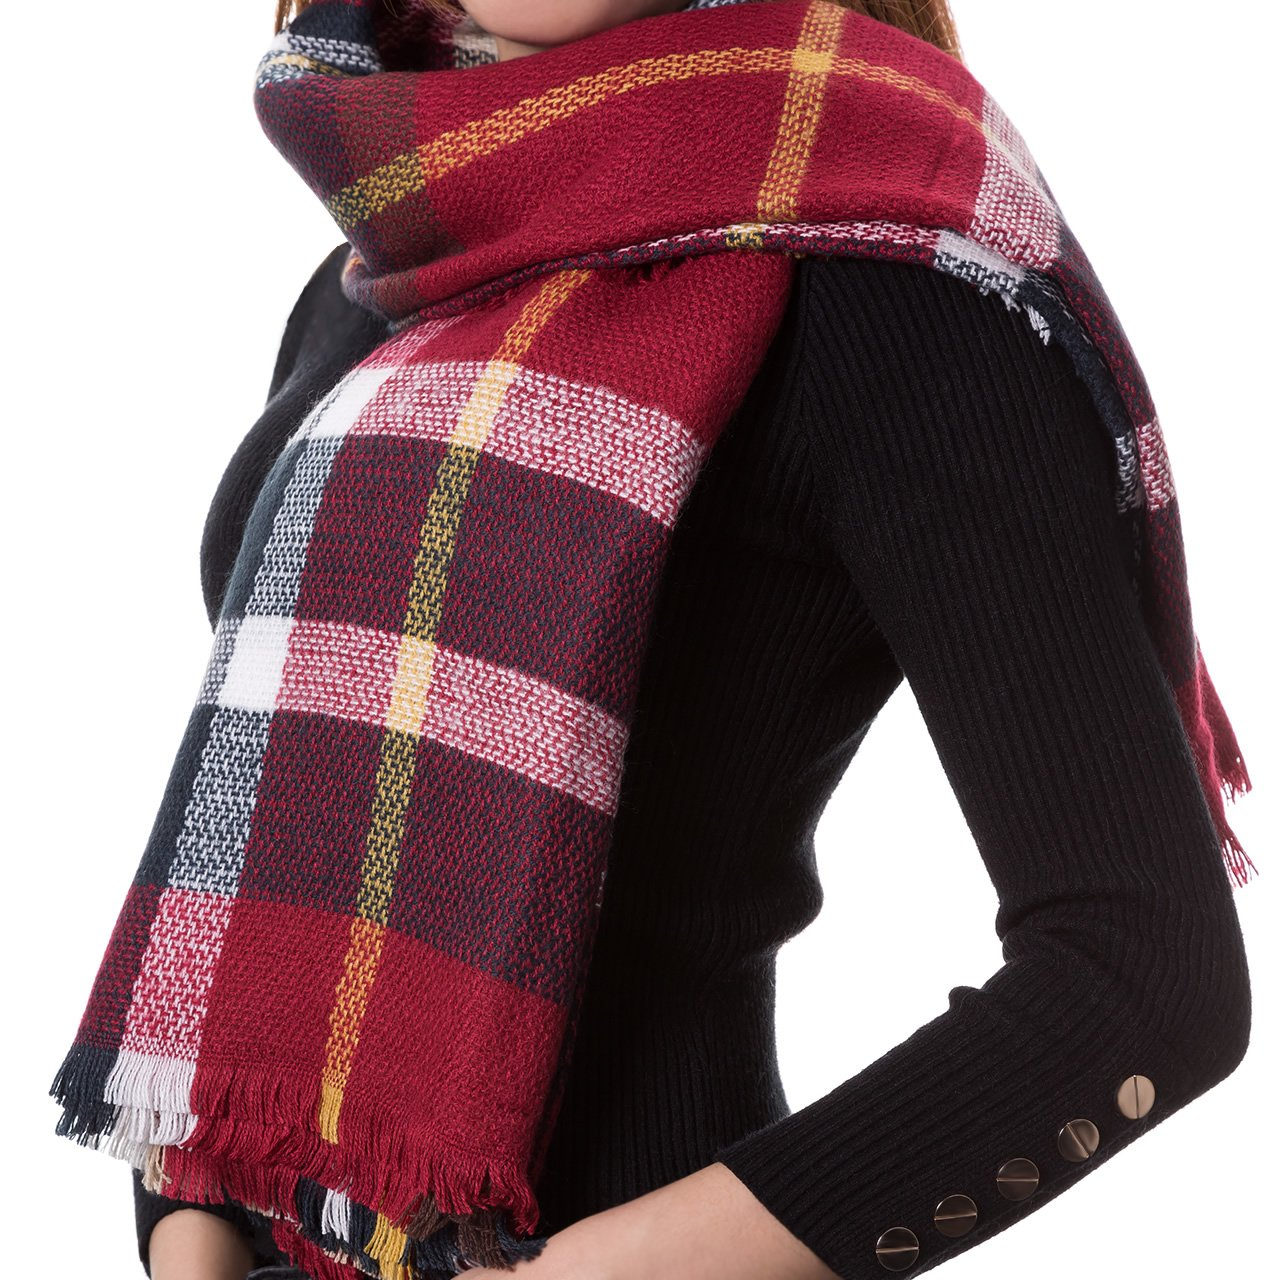 Woolen Bloom Sciarpa Donna Scialle Inverno Coperta Cachemire Invernale Elegante Lungo Plaid Autunno Invernali